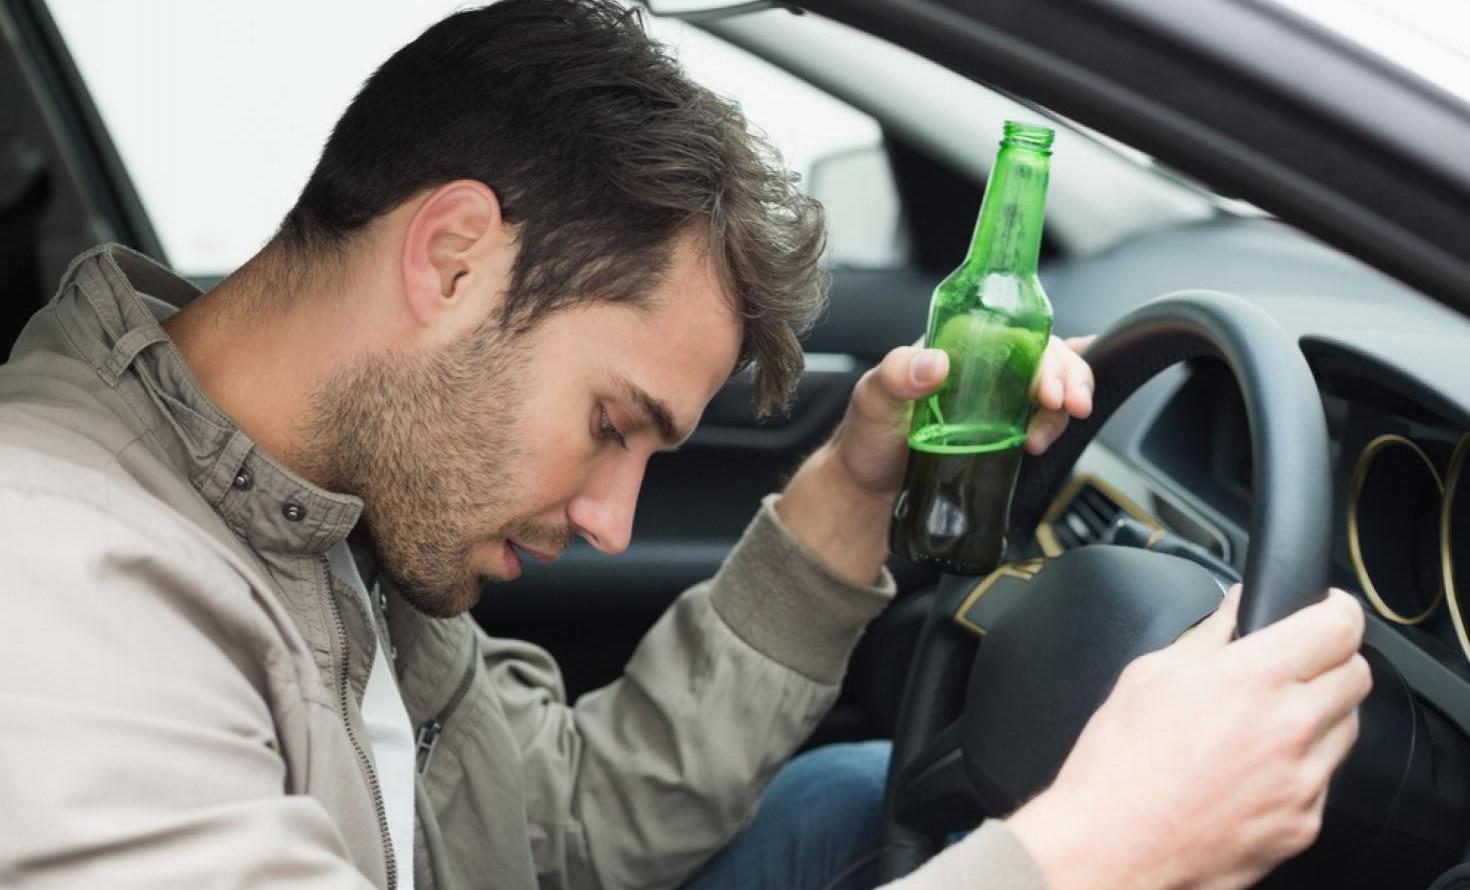 Portuga estuda alcoolímetro no carro para condutores reincidentes